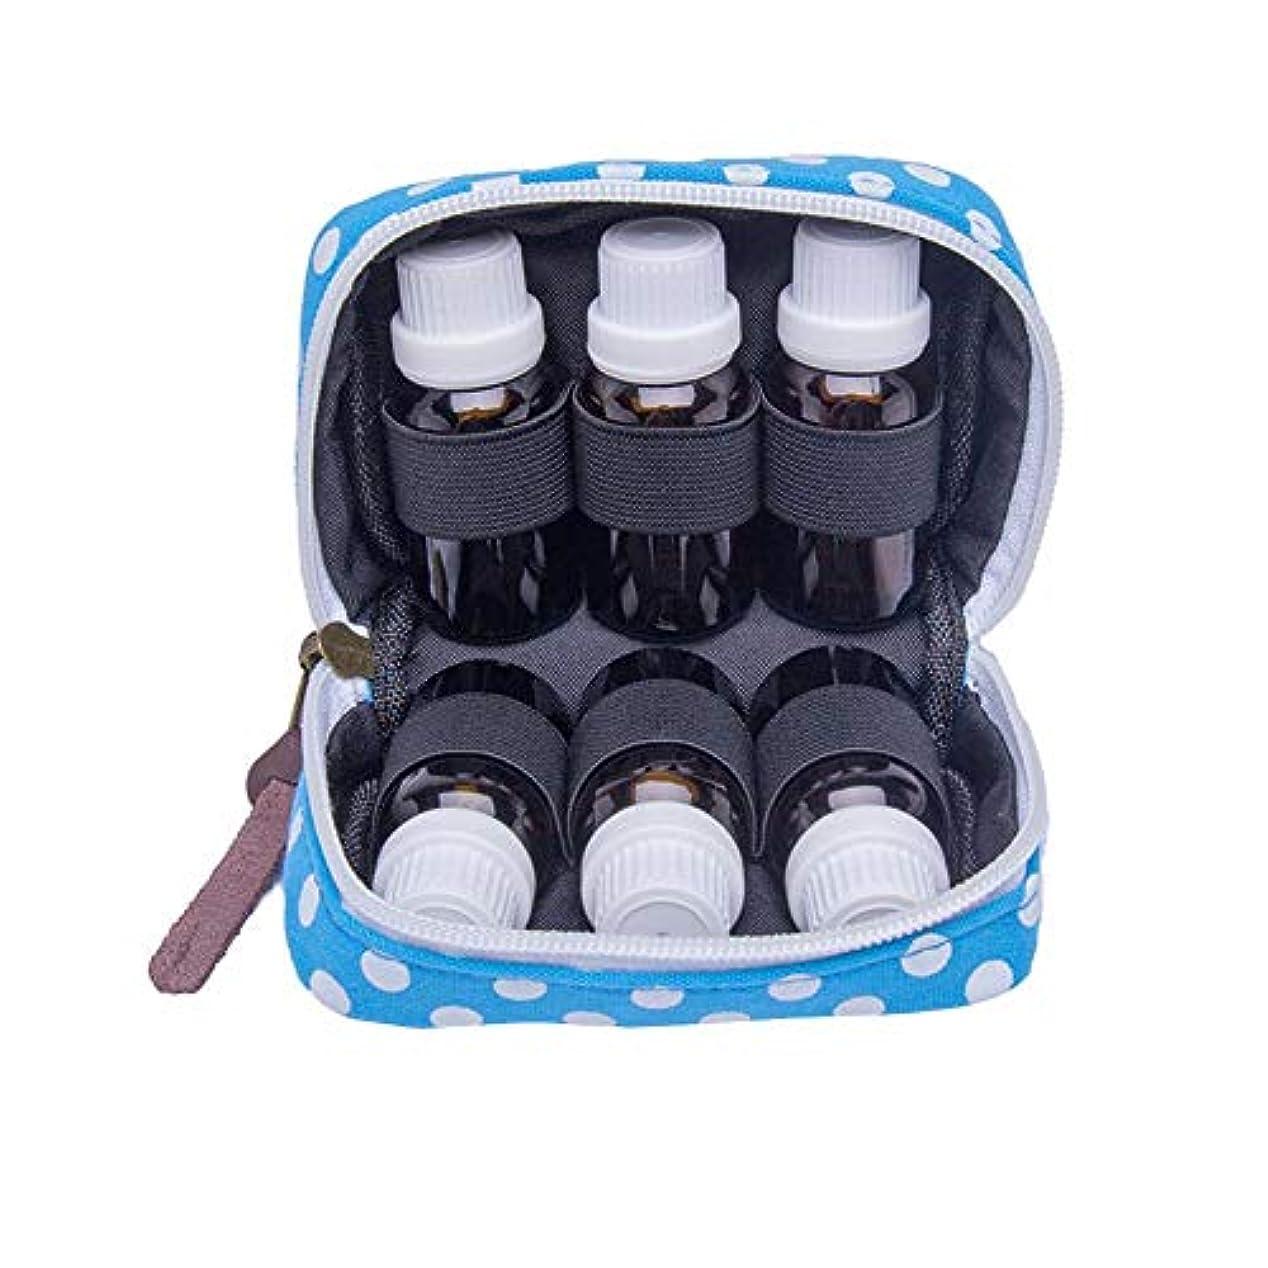 早い許容できるドラッグPursue エッセンシャルオイル収納ケース アロマオイル収納ボックス アロマポーチ収納ケース 耐震 携帯便利 香水収納ポーチ 化粧ポーチ 6本用